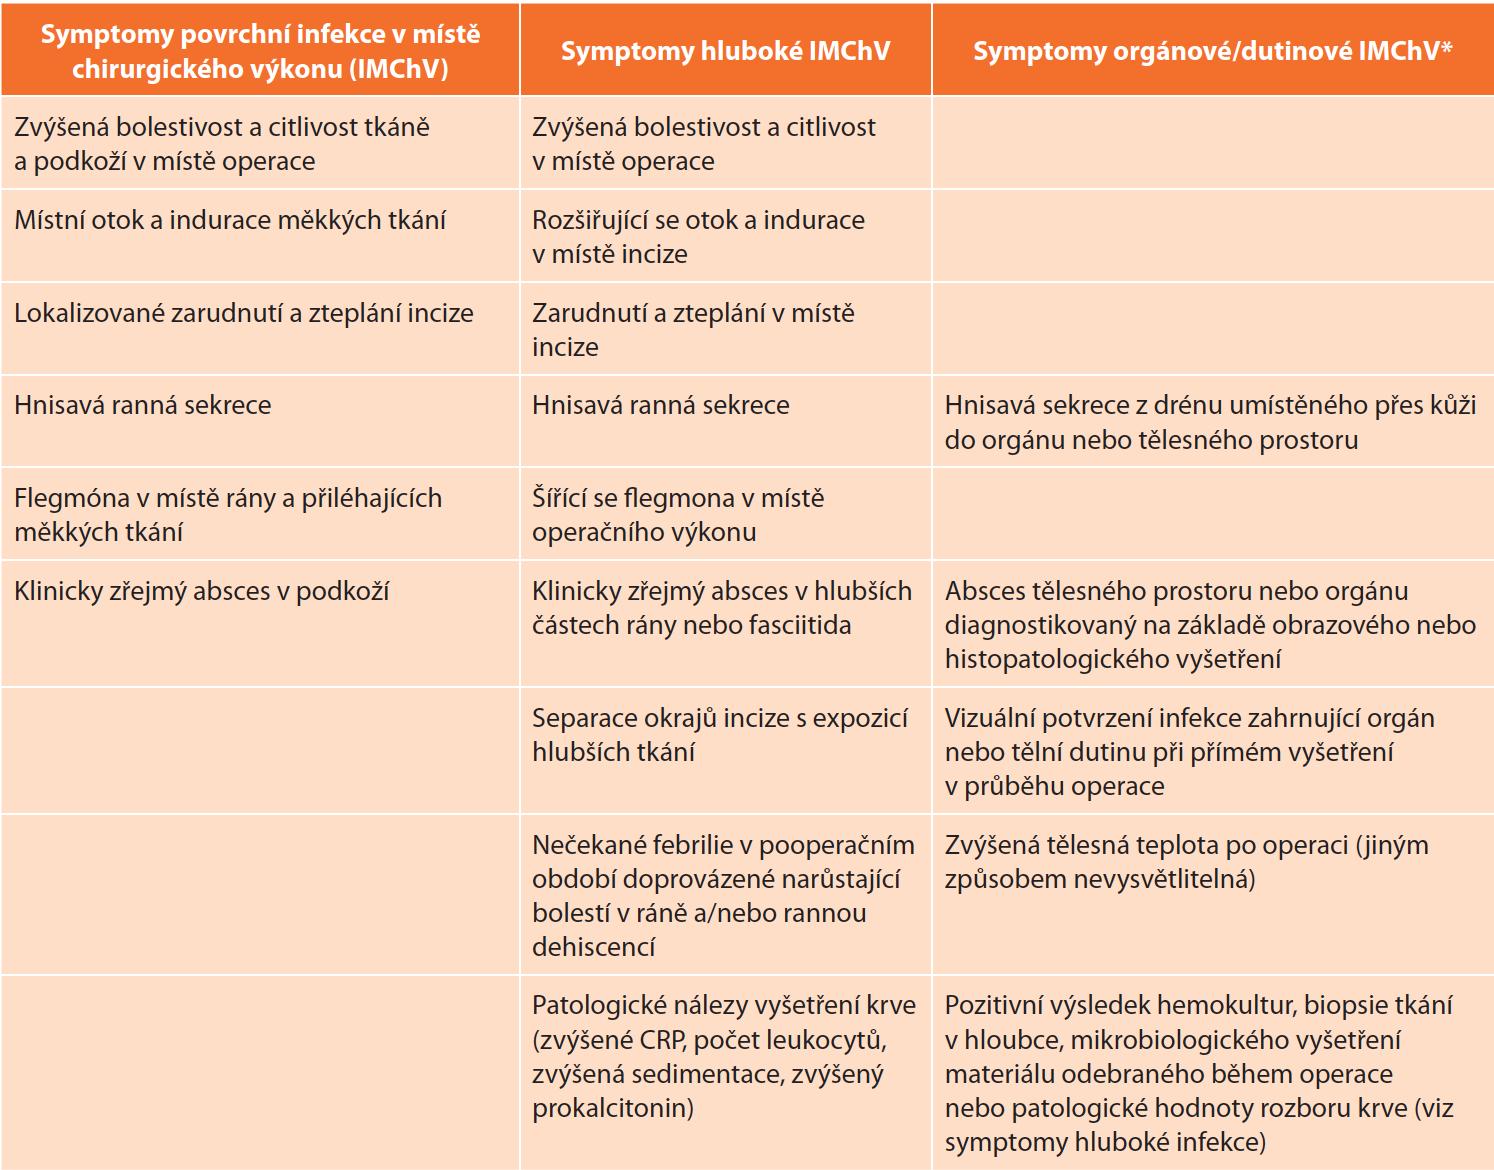 Klinické známky a symptomy infekce v místě chirurgického výkonu [23,24,25] <br> Tab. 2: Clinical signs and symptoms of infection at the site of surgery [23,24,25]